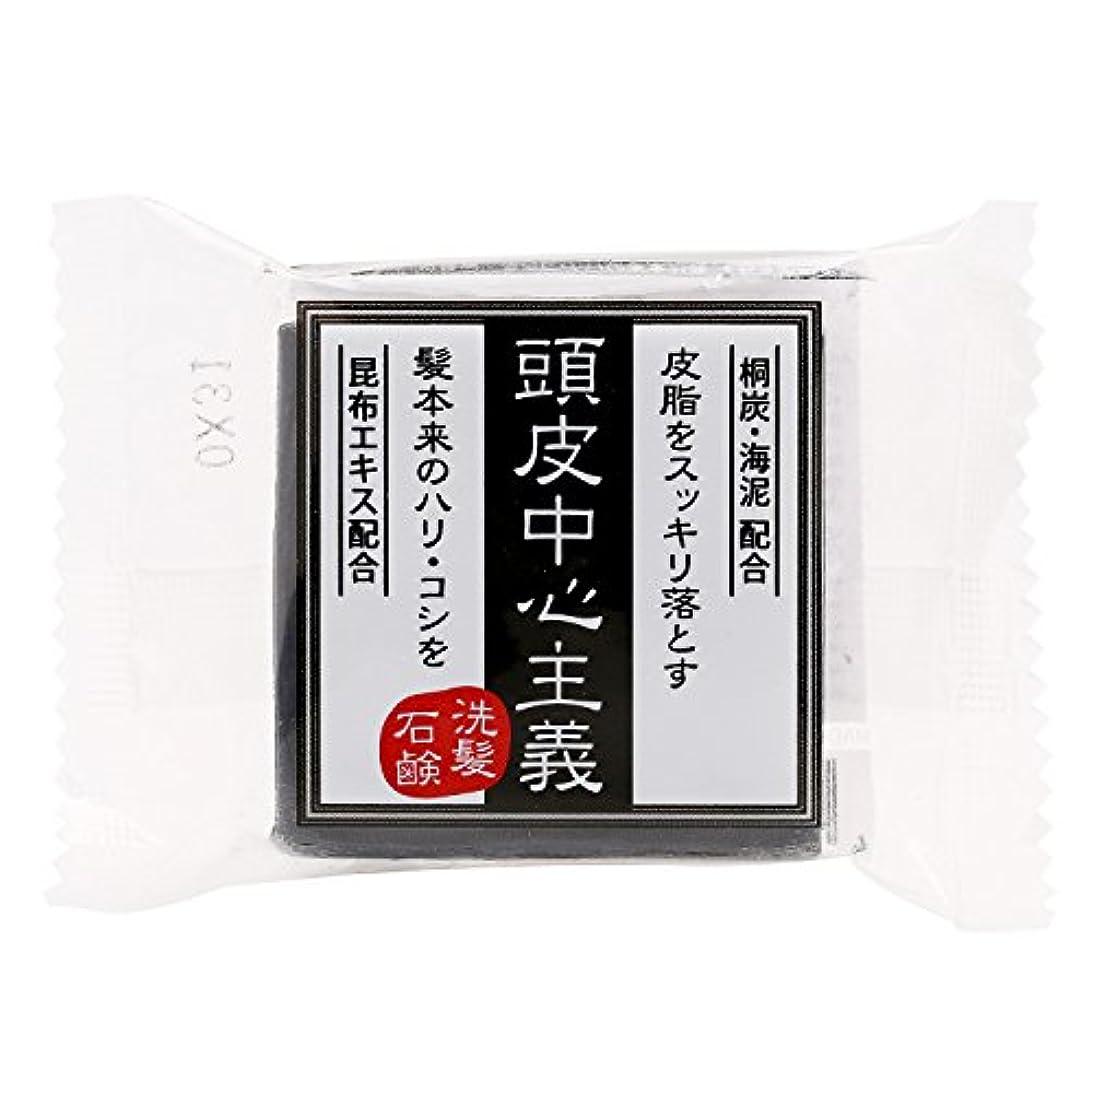 クレーター伸ばす賛辞菊星 頭皮中心主義 洗髪石鹸 30g